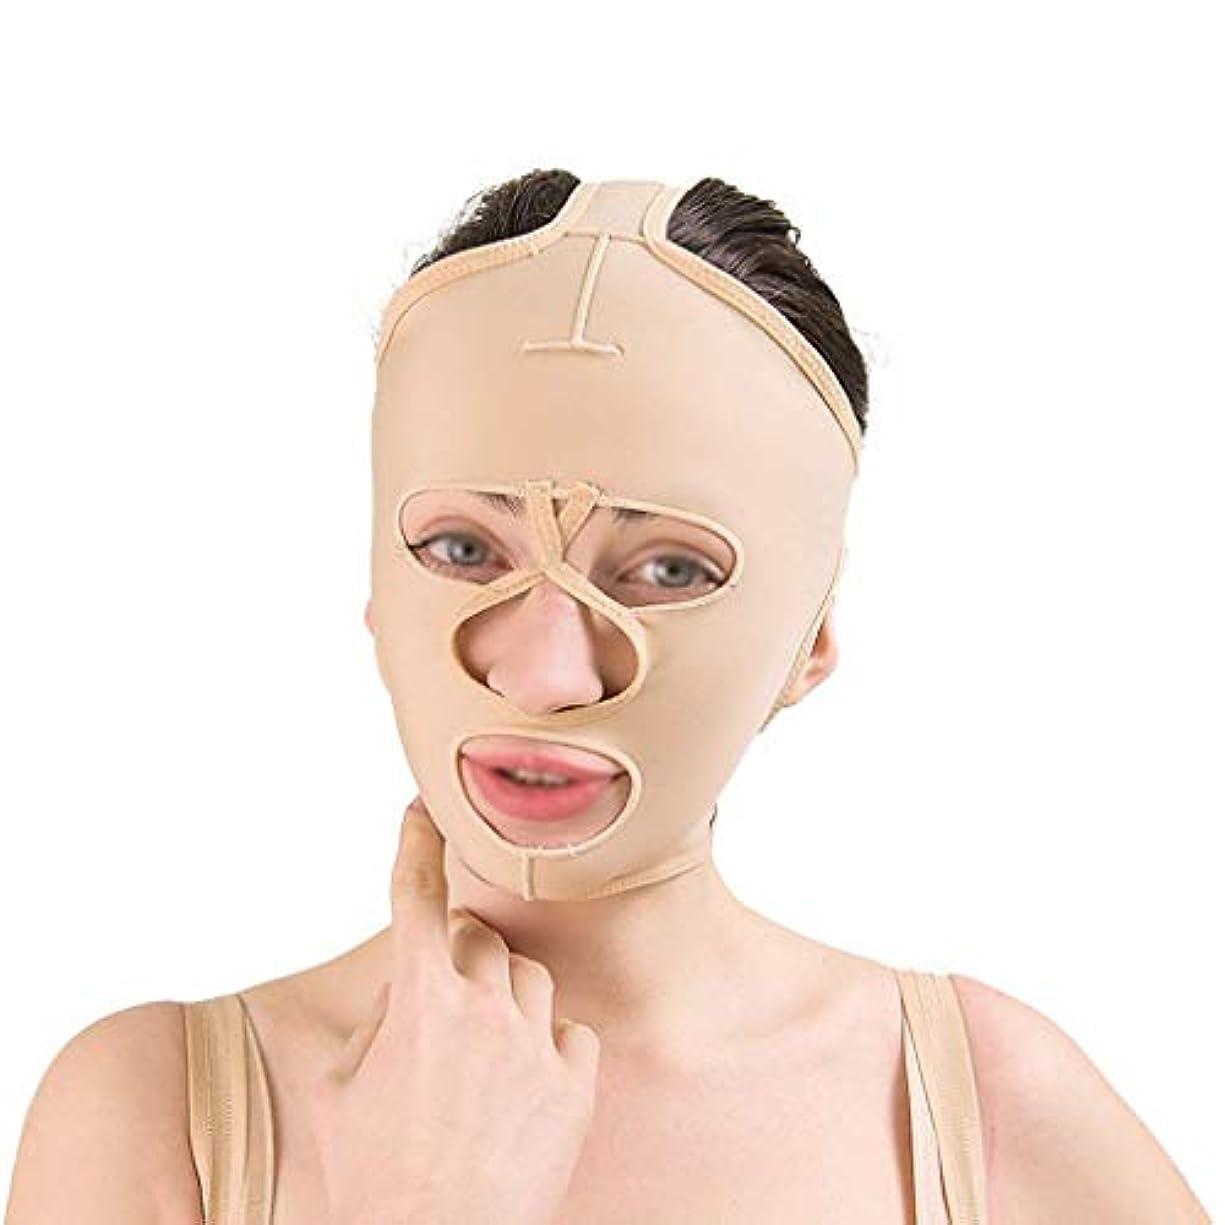 腰キャプチャー先フェイシャルリフティングツール、フェイシャルビューティーリフティングマスク、通気性引き締めリフティングフェイシャル包帯、フェイシャルタイトバンデージ(サイズ:L),XL